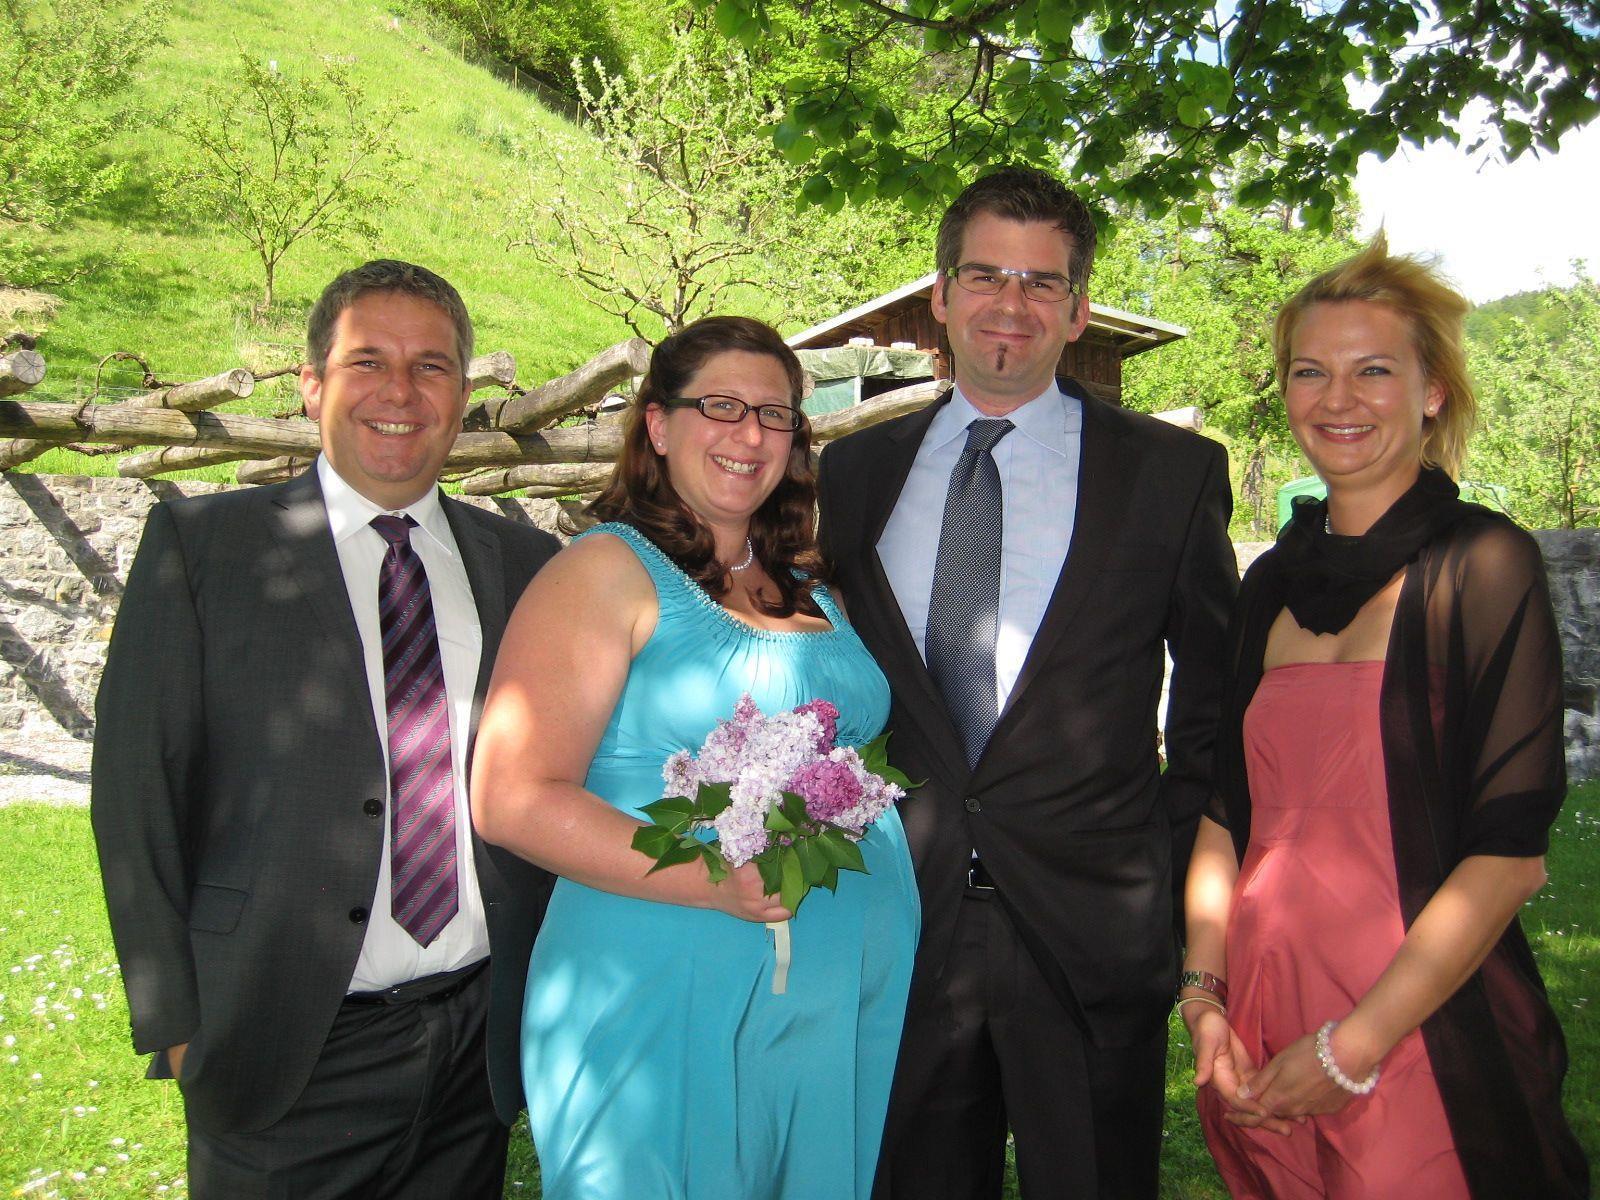 Daniela Neurauter und Bernhard Jonas haben geheiratet.